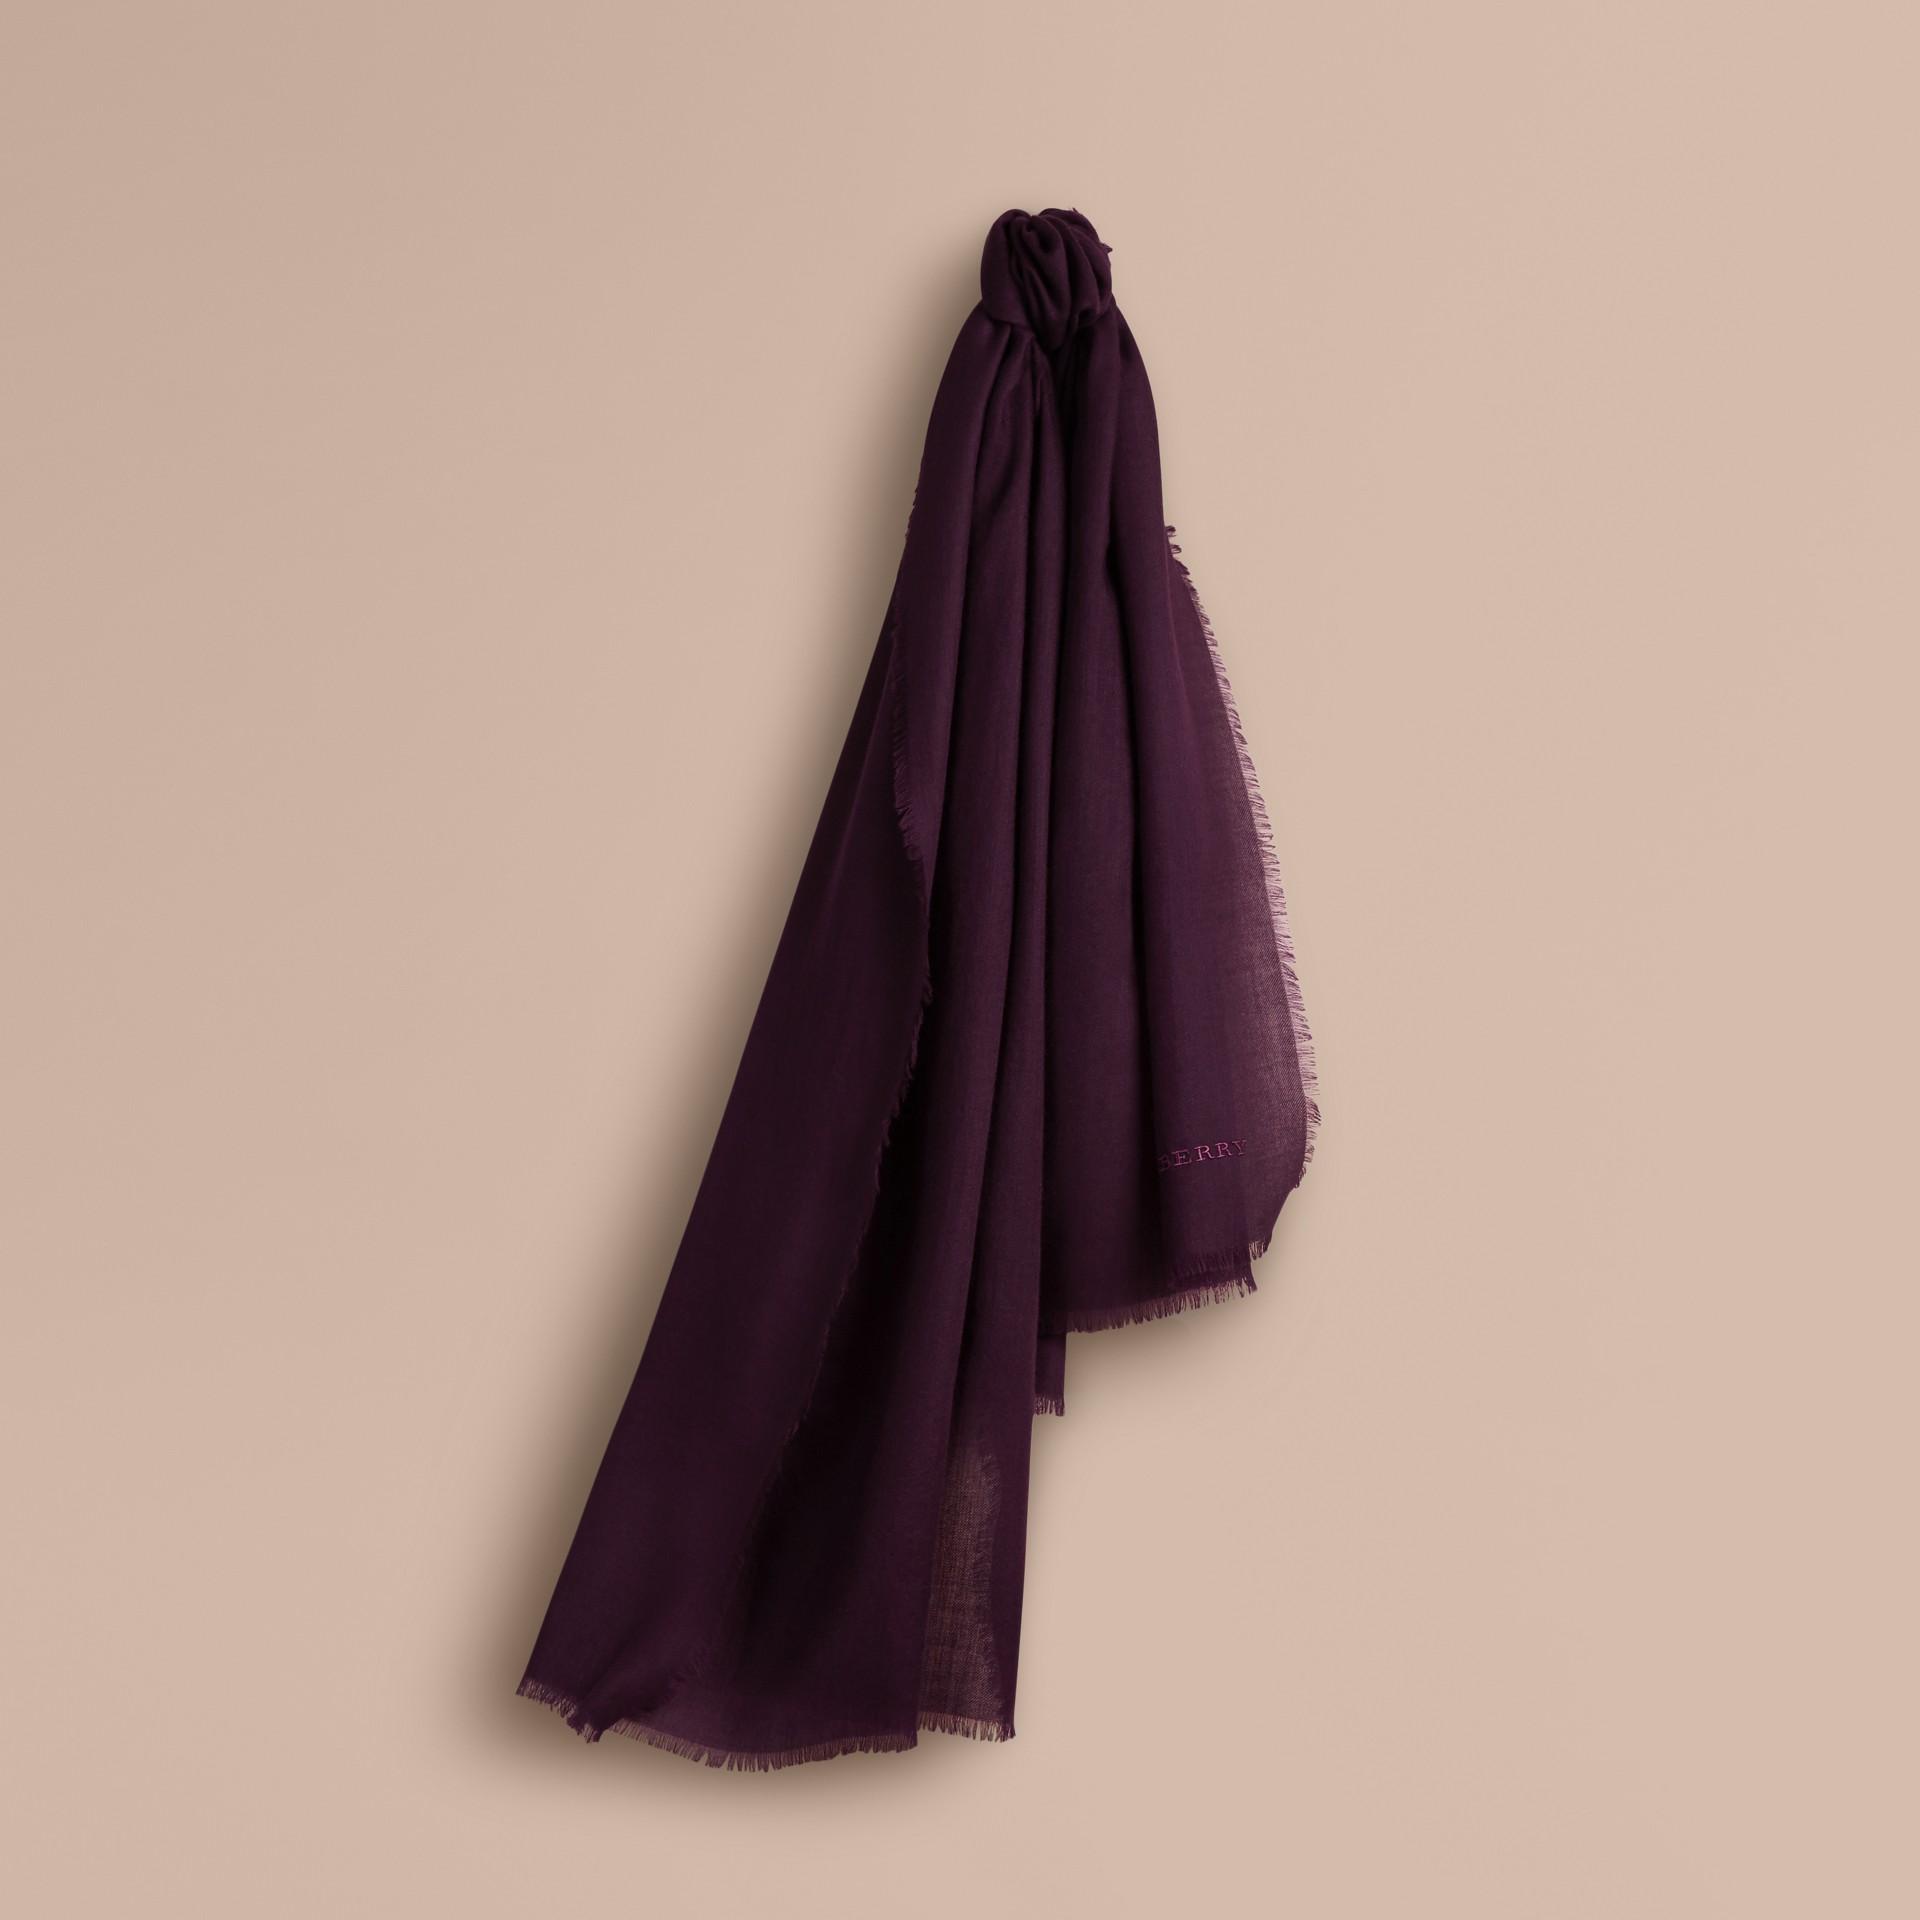 Баклажан Легкий шарф из кашемира Баклажан - изображение 6